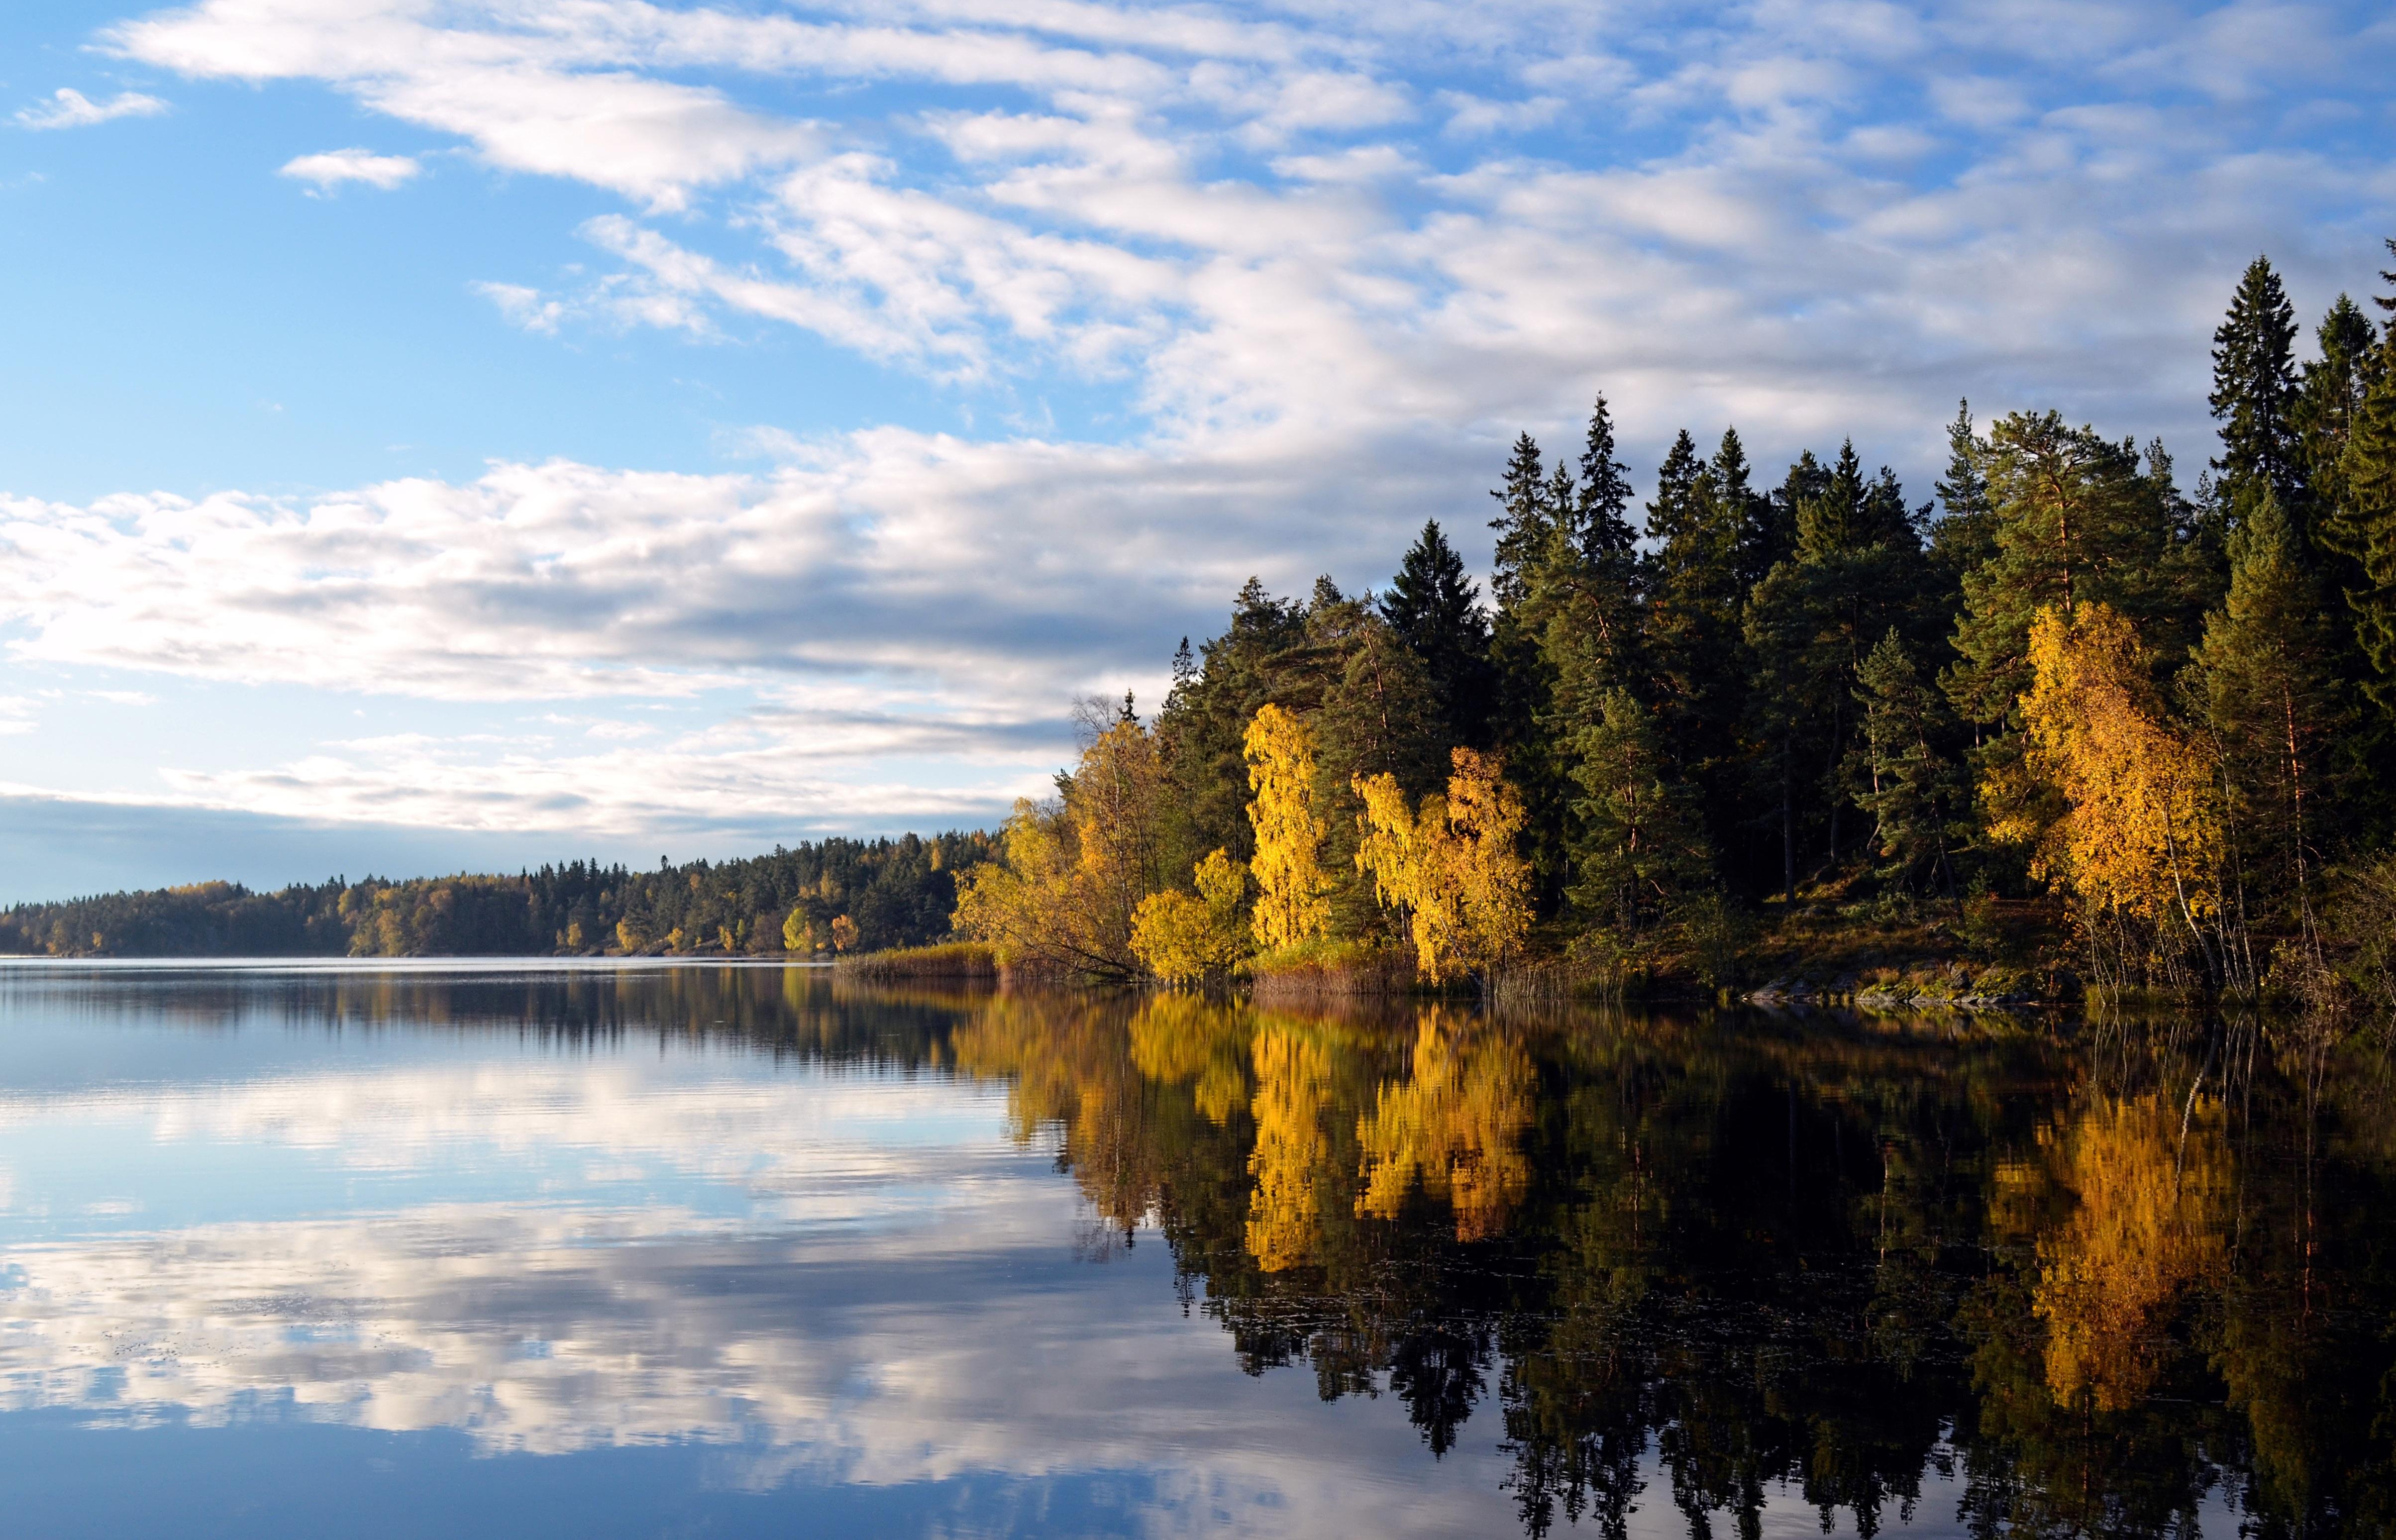 Exceptionnel Images Gratuites : paysage, arbre, eau, la nature, région sauvage  YX59